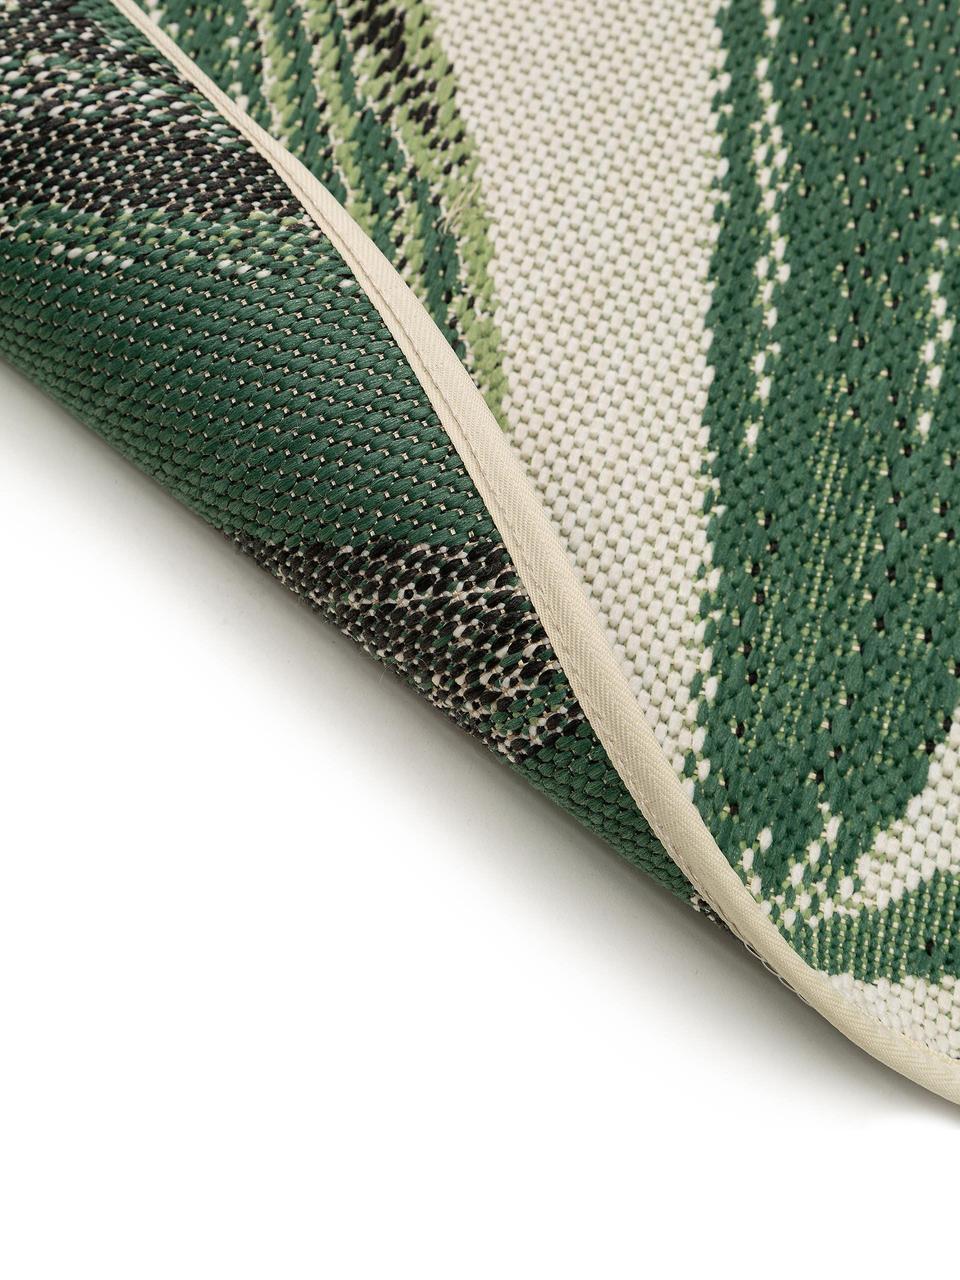 Runder In & Outdoor-Teppich Capri, 100% Polypropylen, Grün, Creme, Ø 160 cm (Größe L)